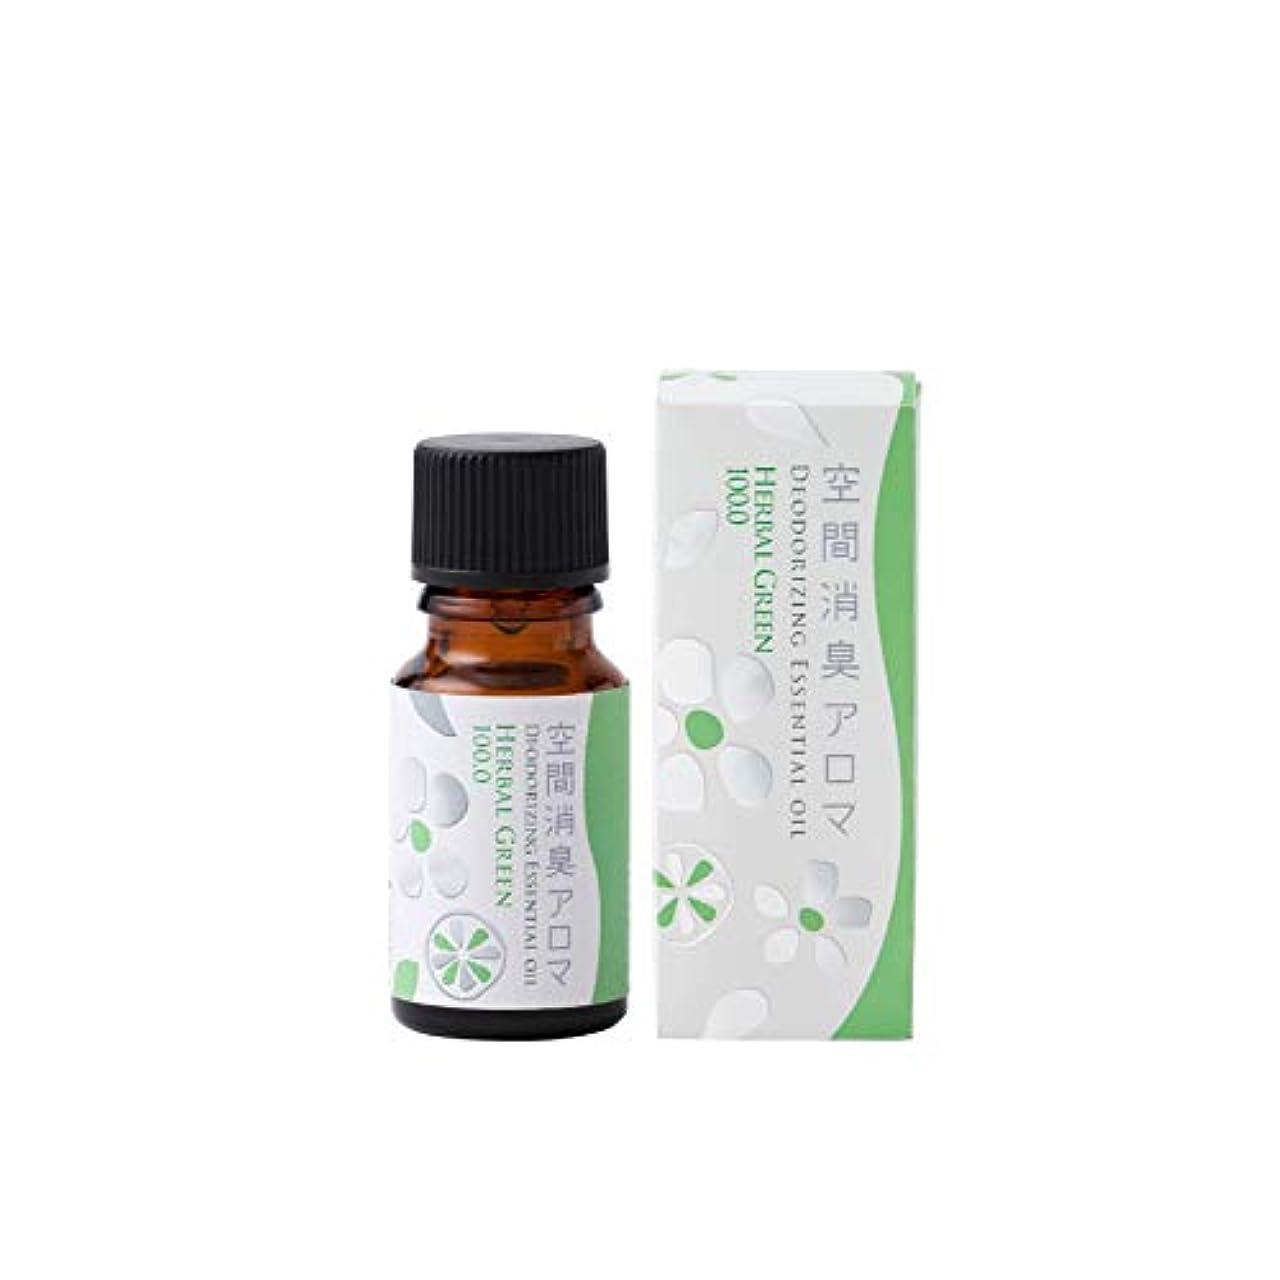 めんどりビルダー腹痛生活の木 ブレンド エッセンシャルオイル 空間消臭アロマ ハーバルグリーン 100.0 10ml エッセンシャルオイル 精油